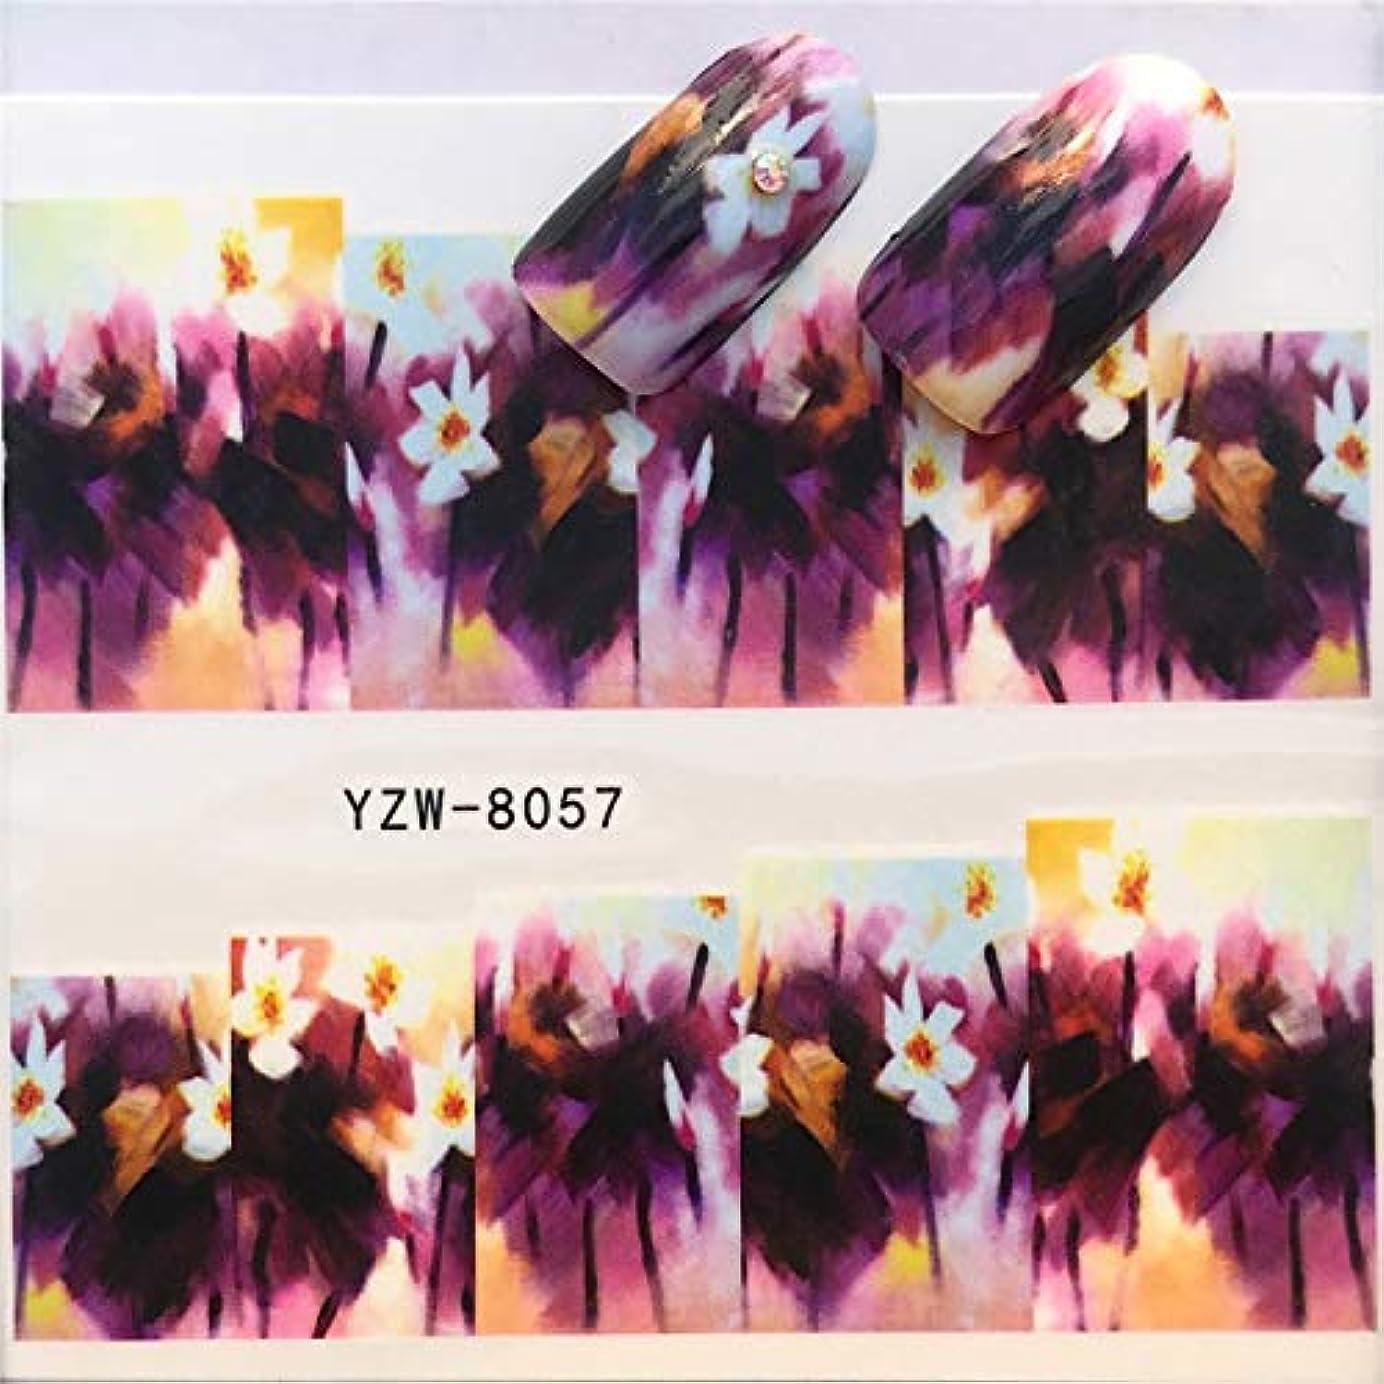 ブリード元気妊娠した手足ビューティーケア 3個ネイルステッカーセットデカール水転写スライダーネイルアートデコレーション、色:YZW 8057